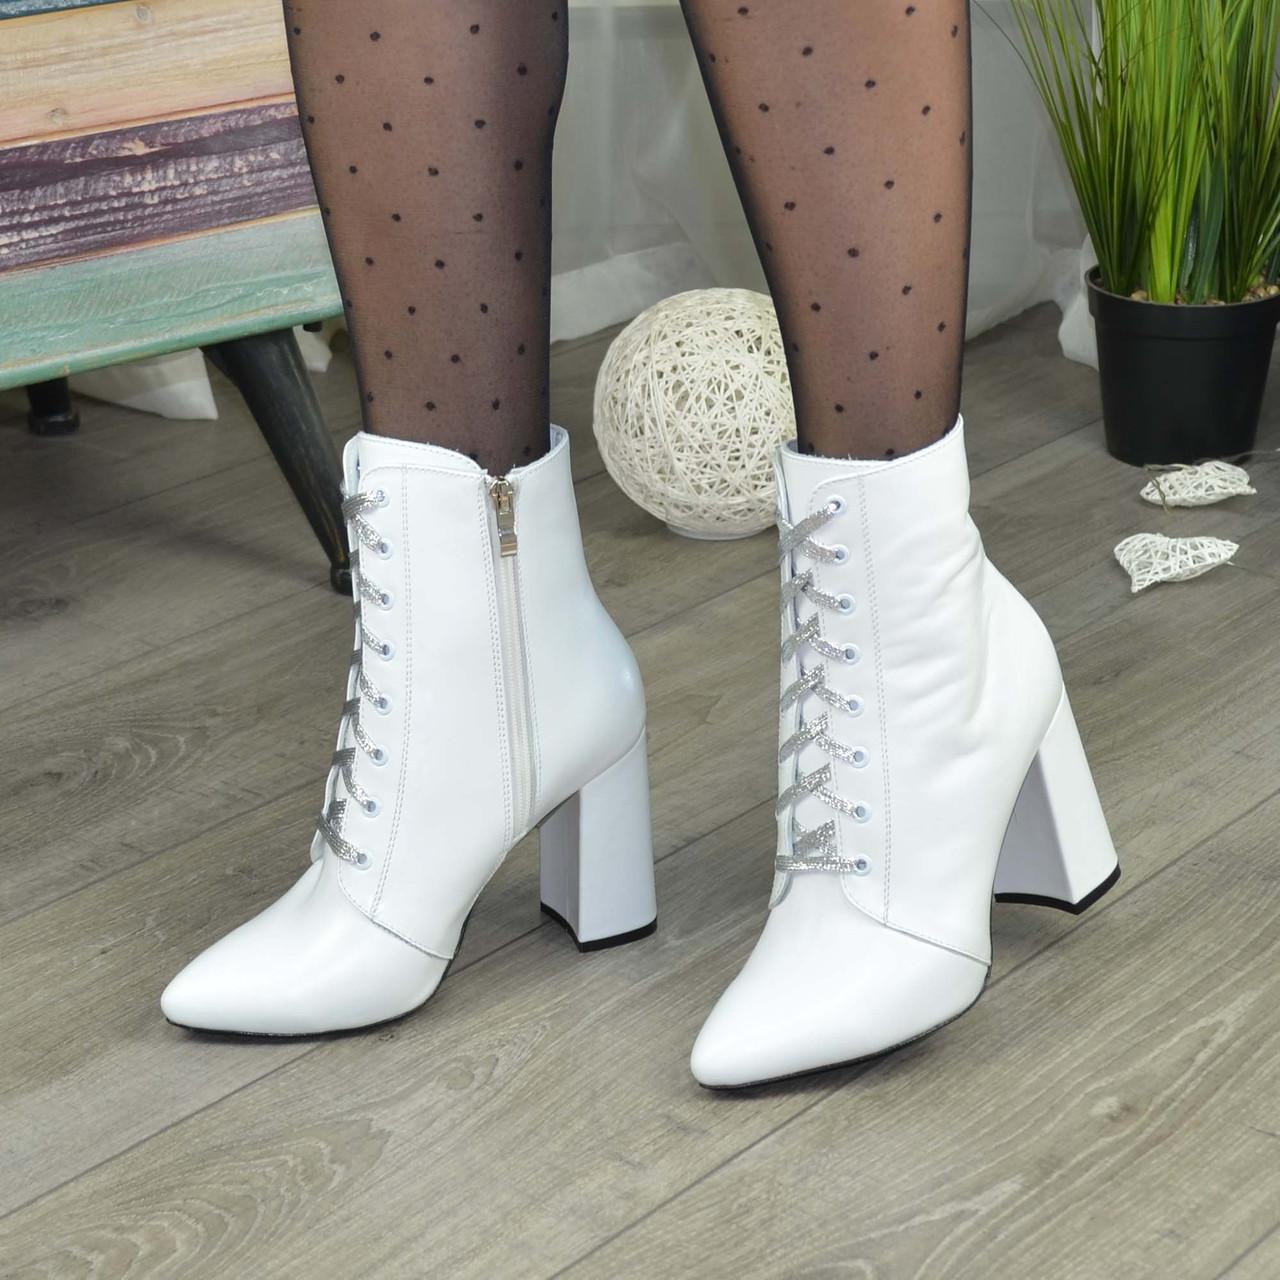 Ботинки кожаные женские на высоком каблуке. Цвет белый